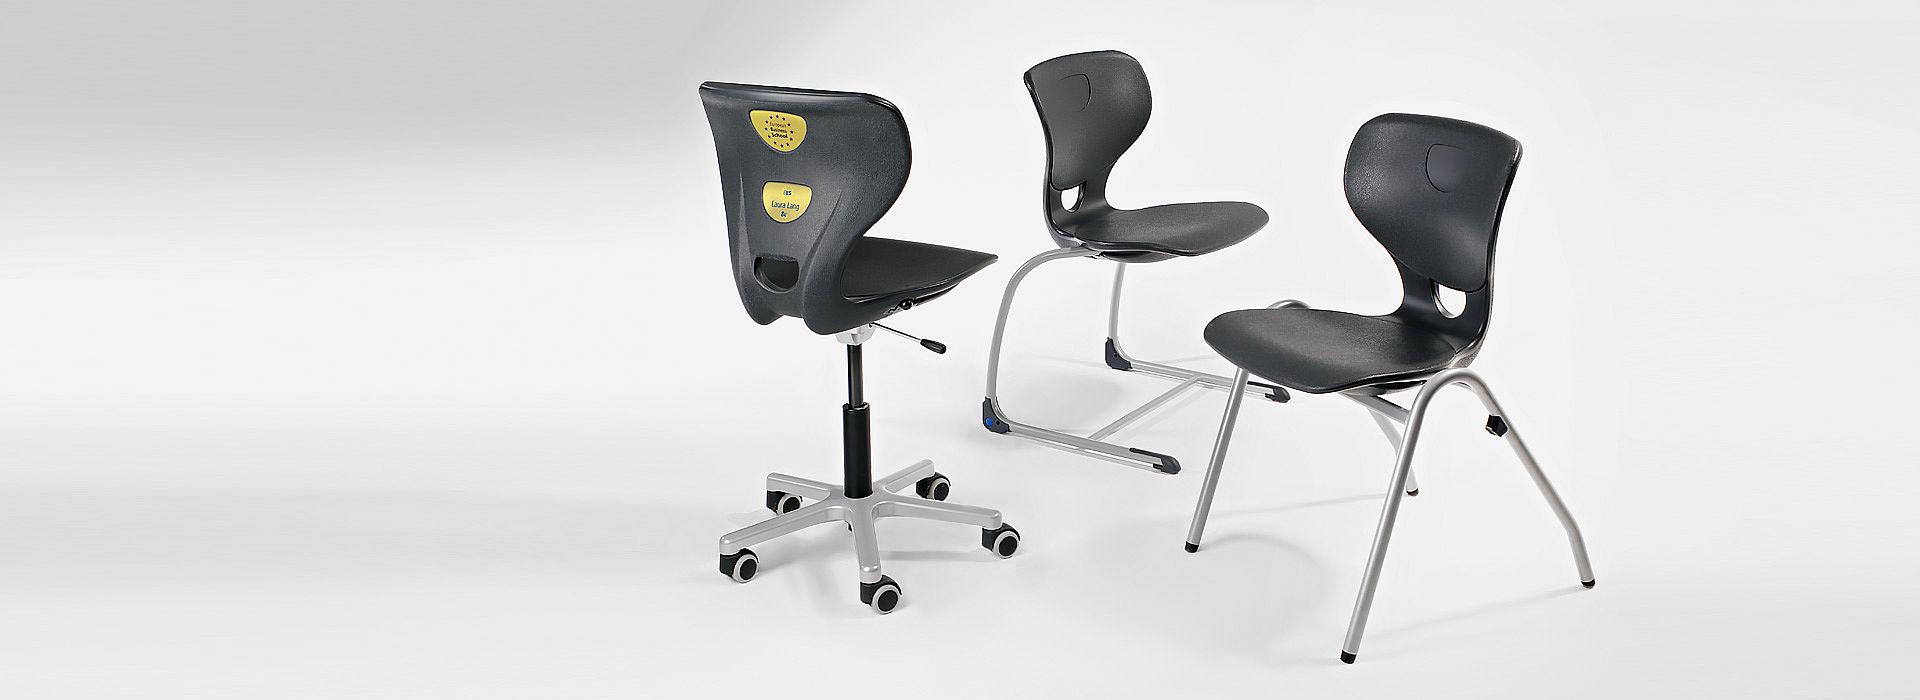 Bild: SEDIAMO® Stühle - SEDIAMO® Cross, Swing und Quadro